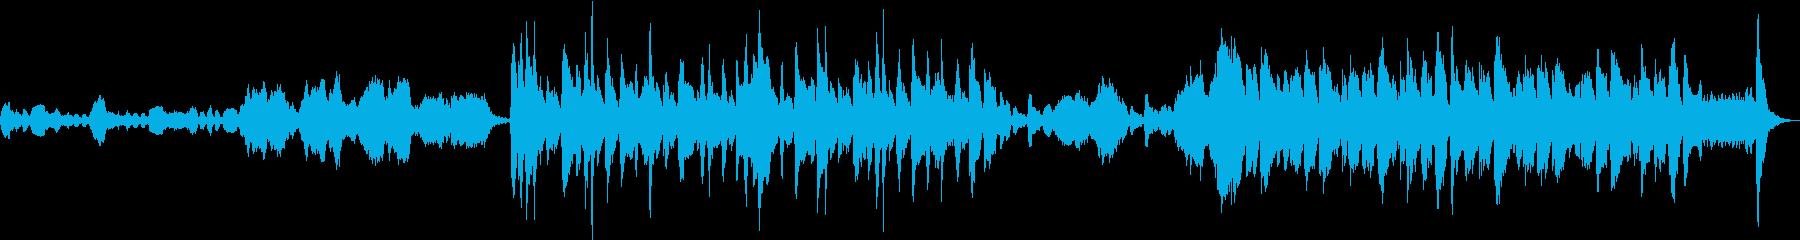 コミカルなハロウィン曲の再生済みの波形